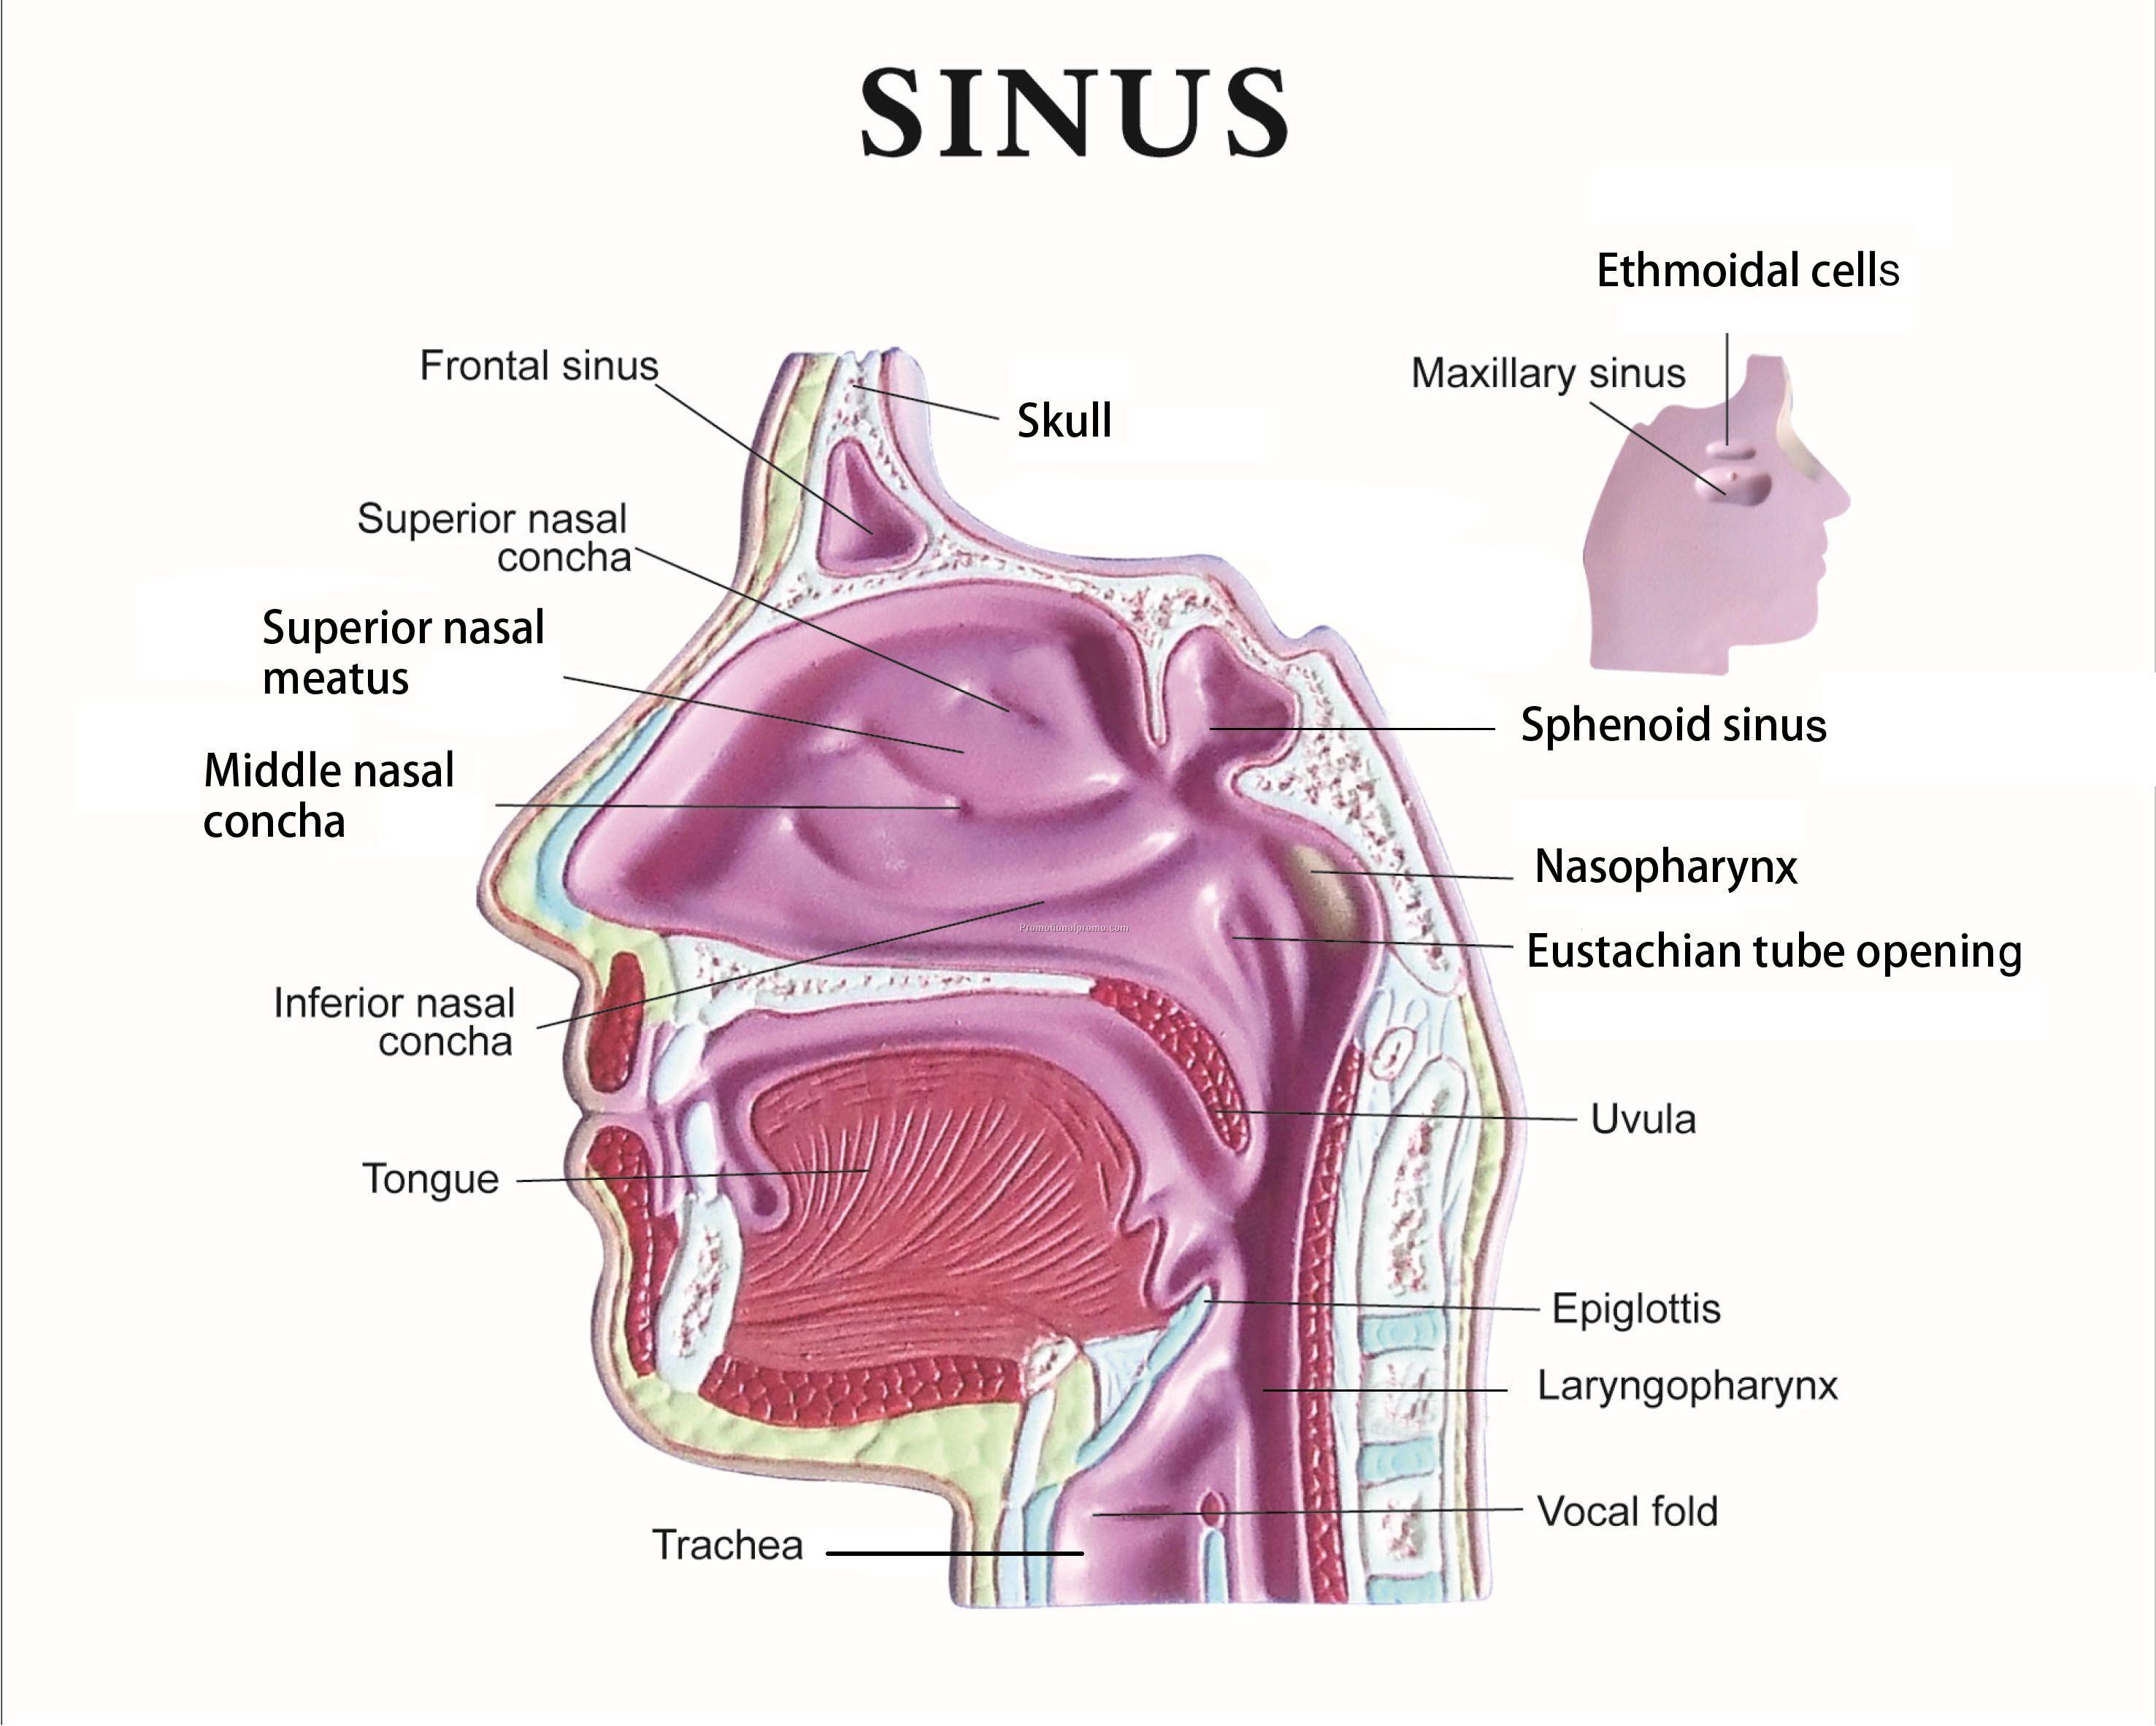 Anatomical Sinus Model China Wholesale  #MA55178698